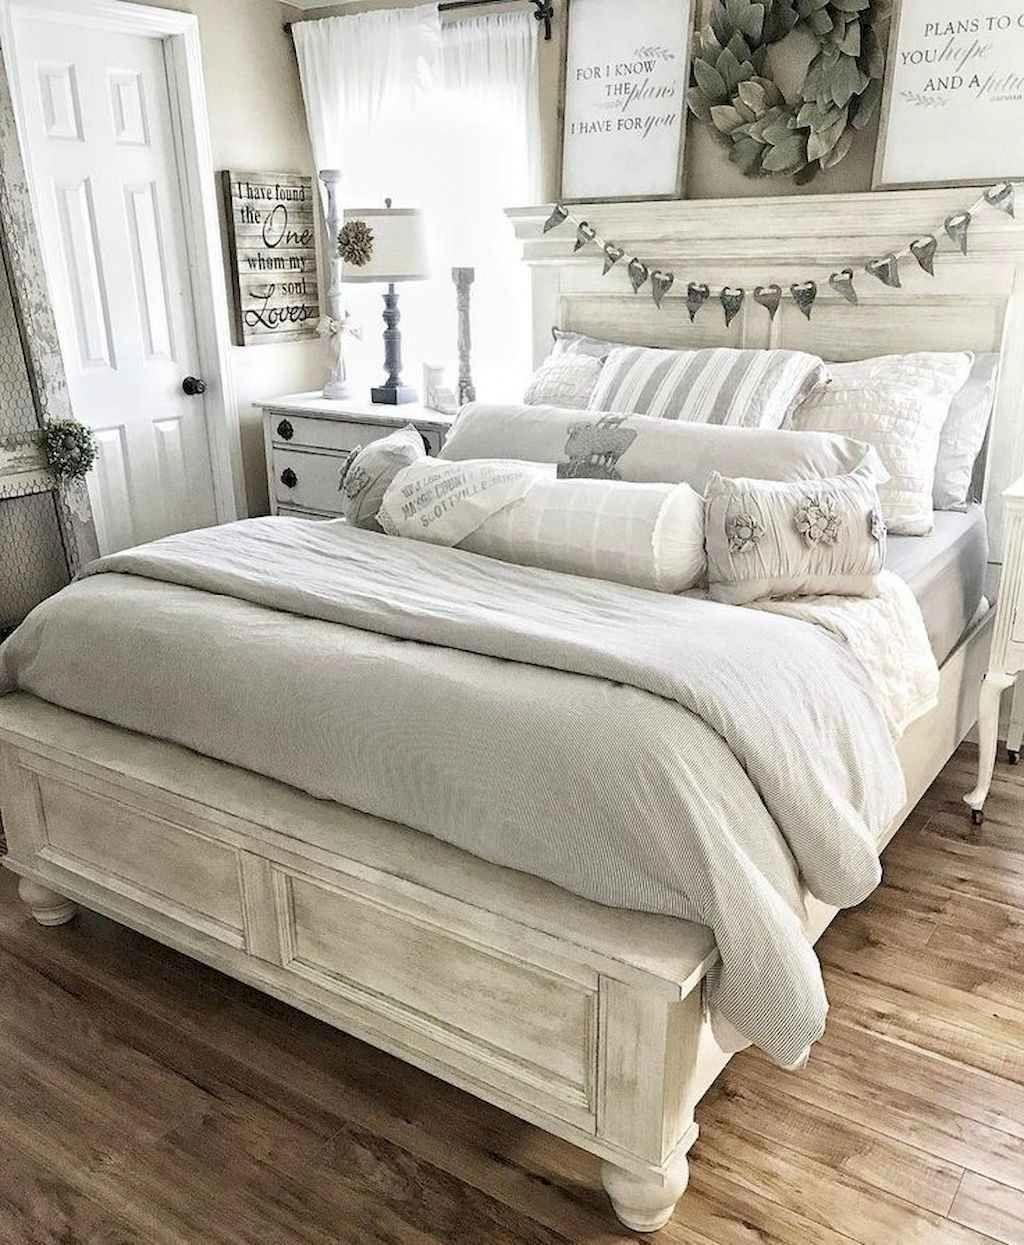 home decor bedroom arrangement homedecorbedroom